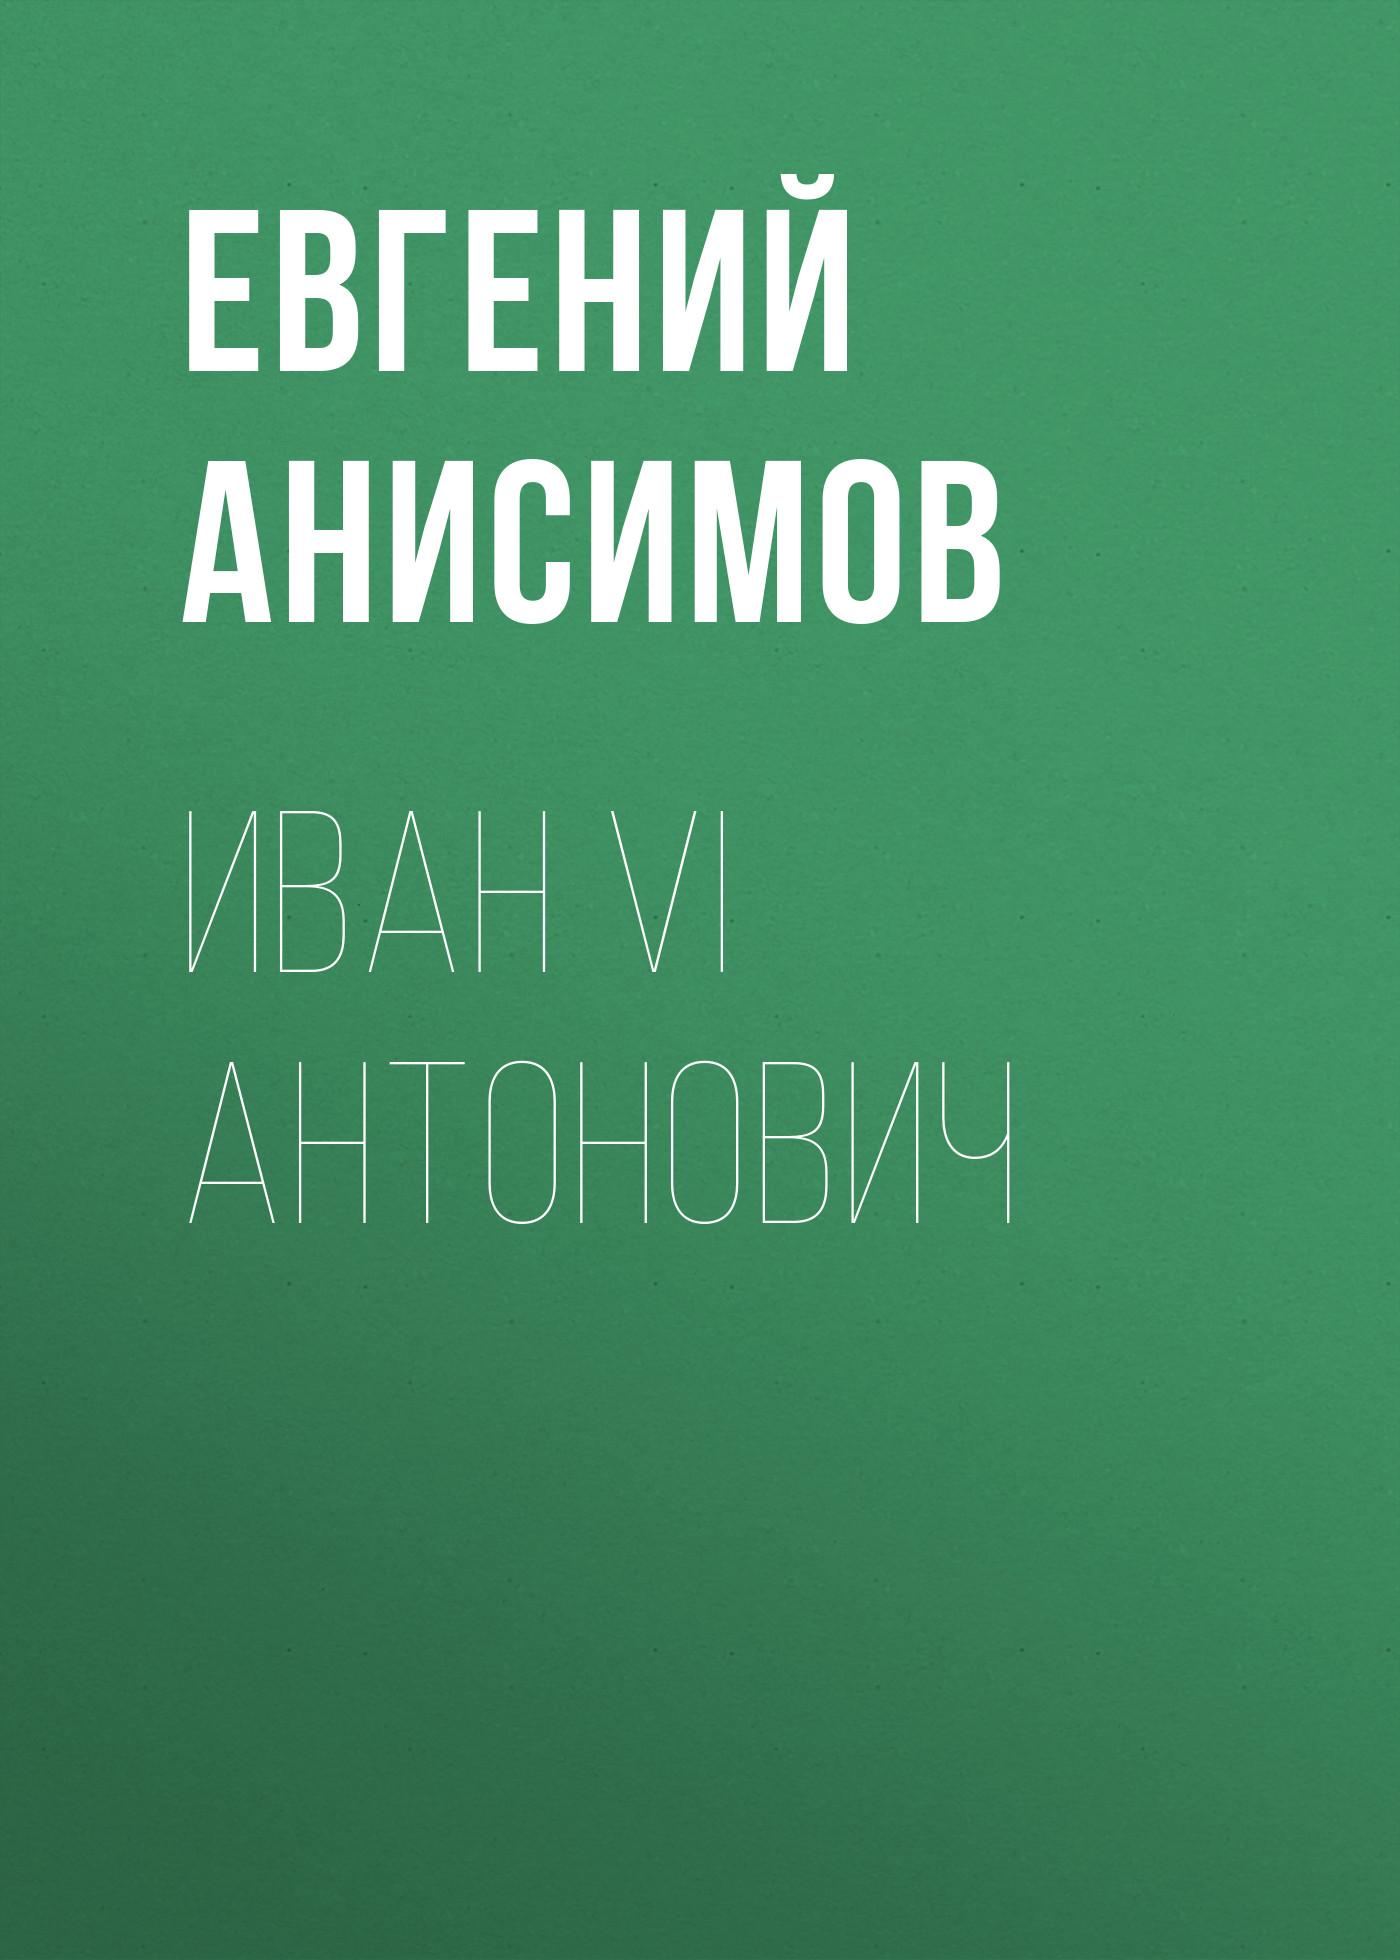 Евгений Анисимов Иван VI Антонович анисимов евгений викторович правители россии